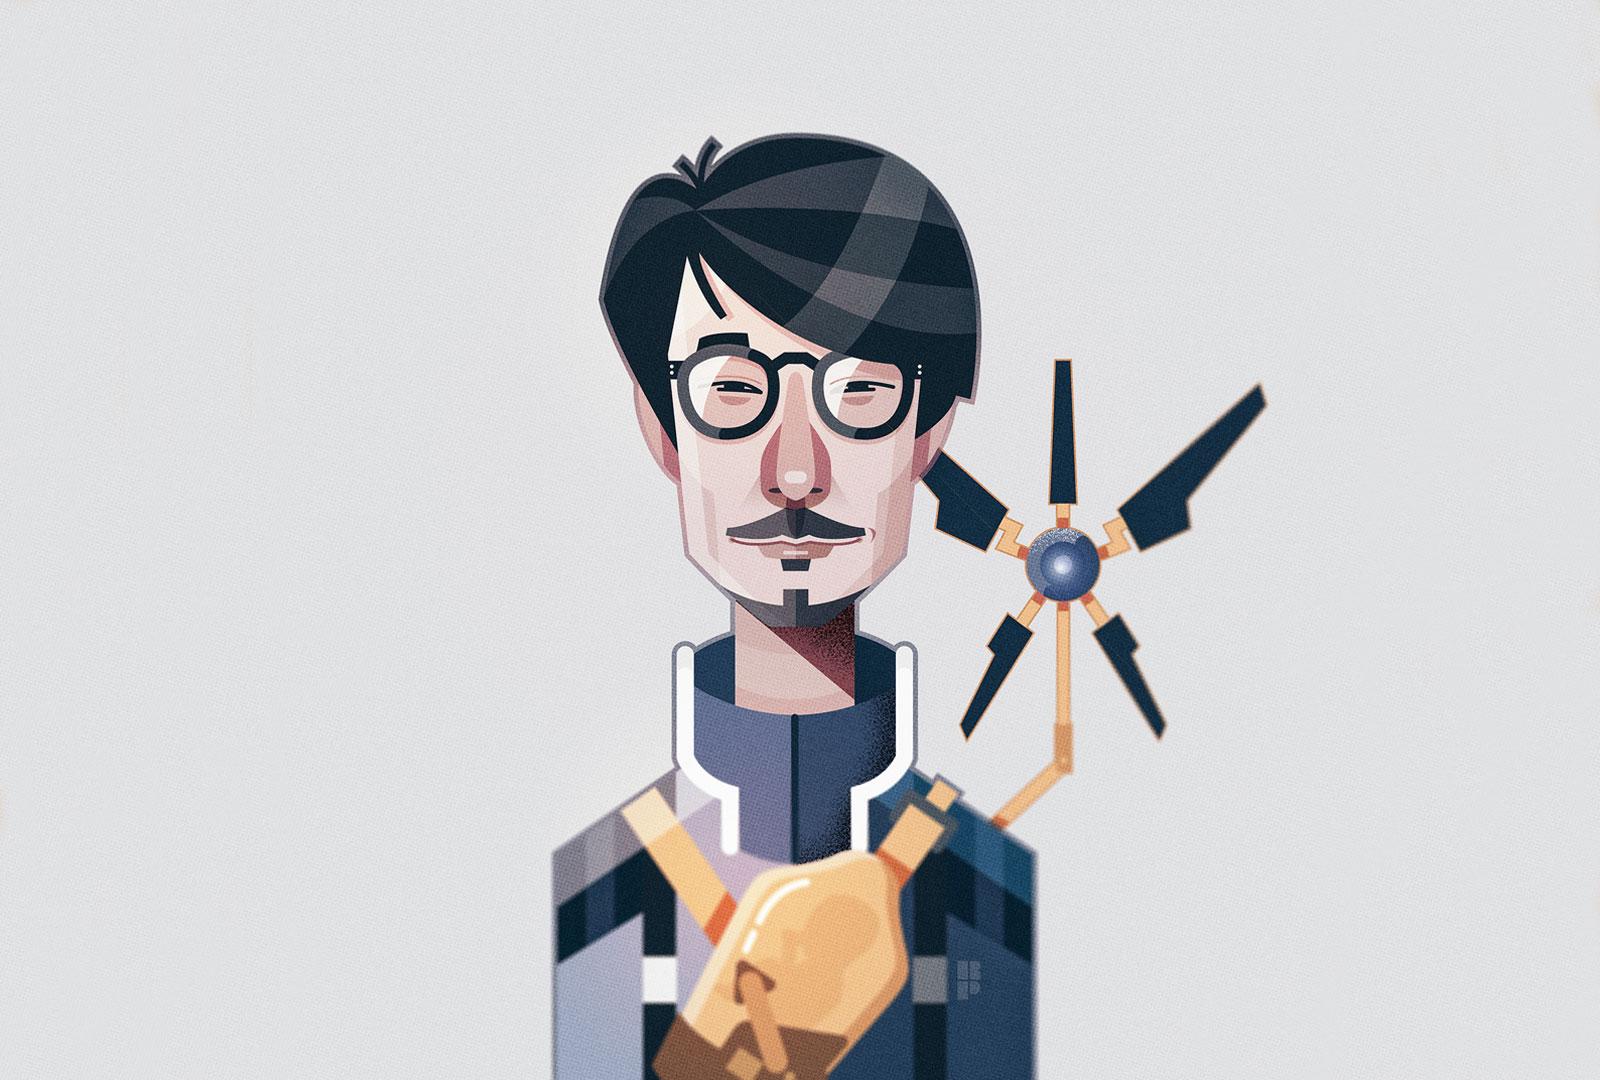 Spieleentwickler illustirert